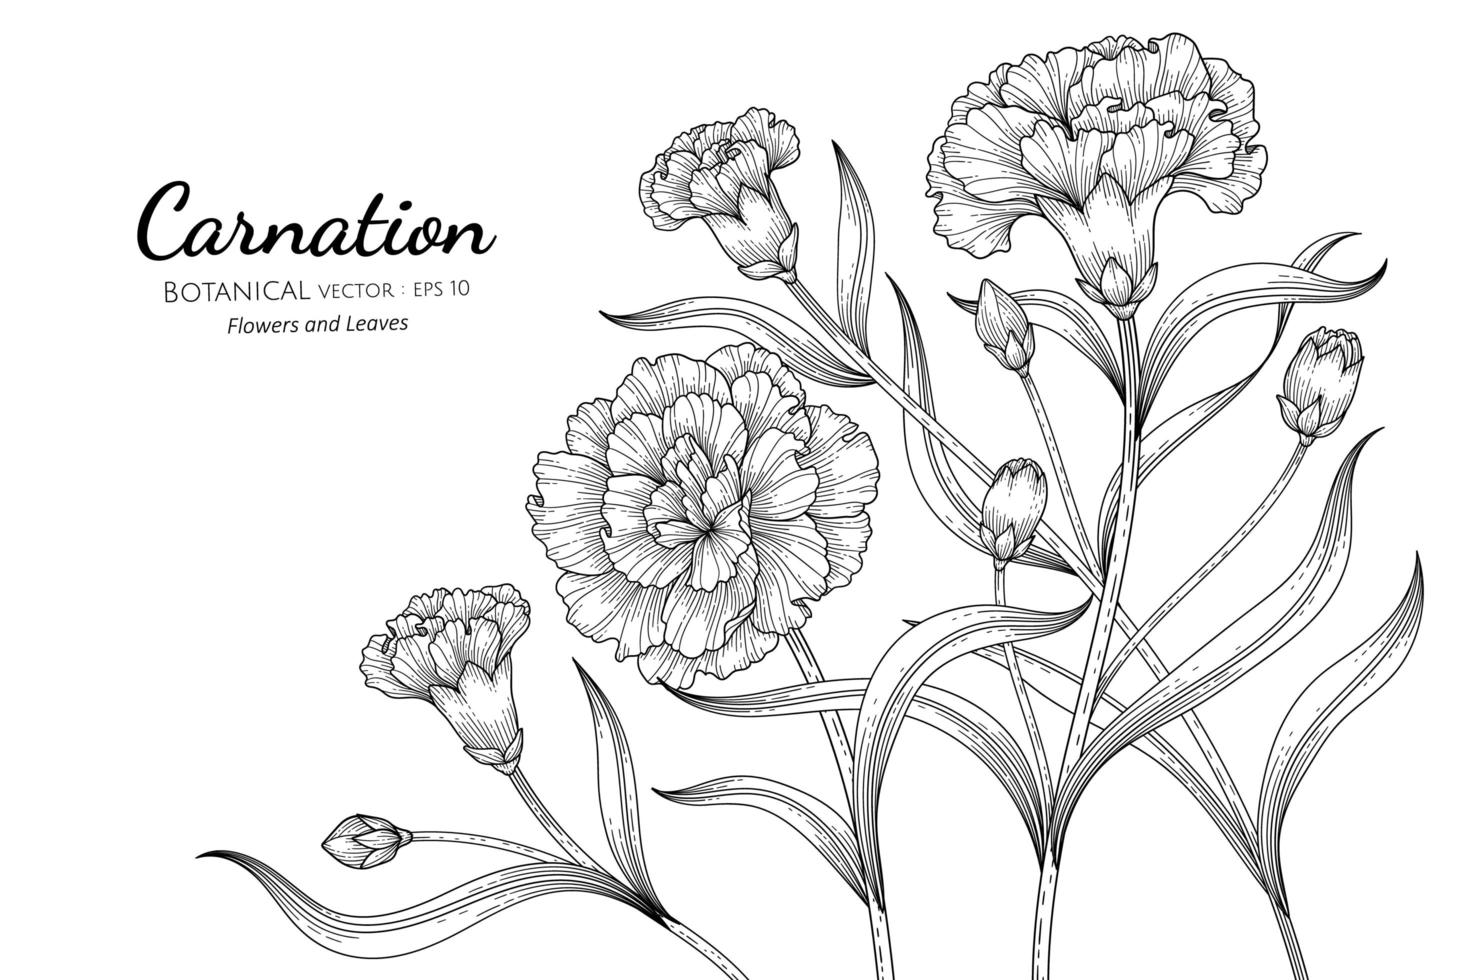 desenhos de mão desenhada de flores e folhas de cravo vetor